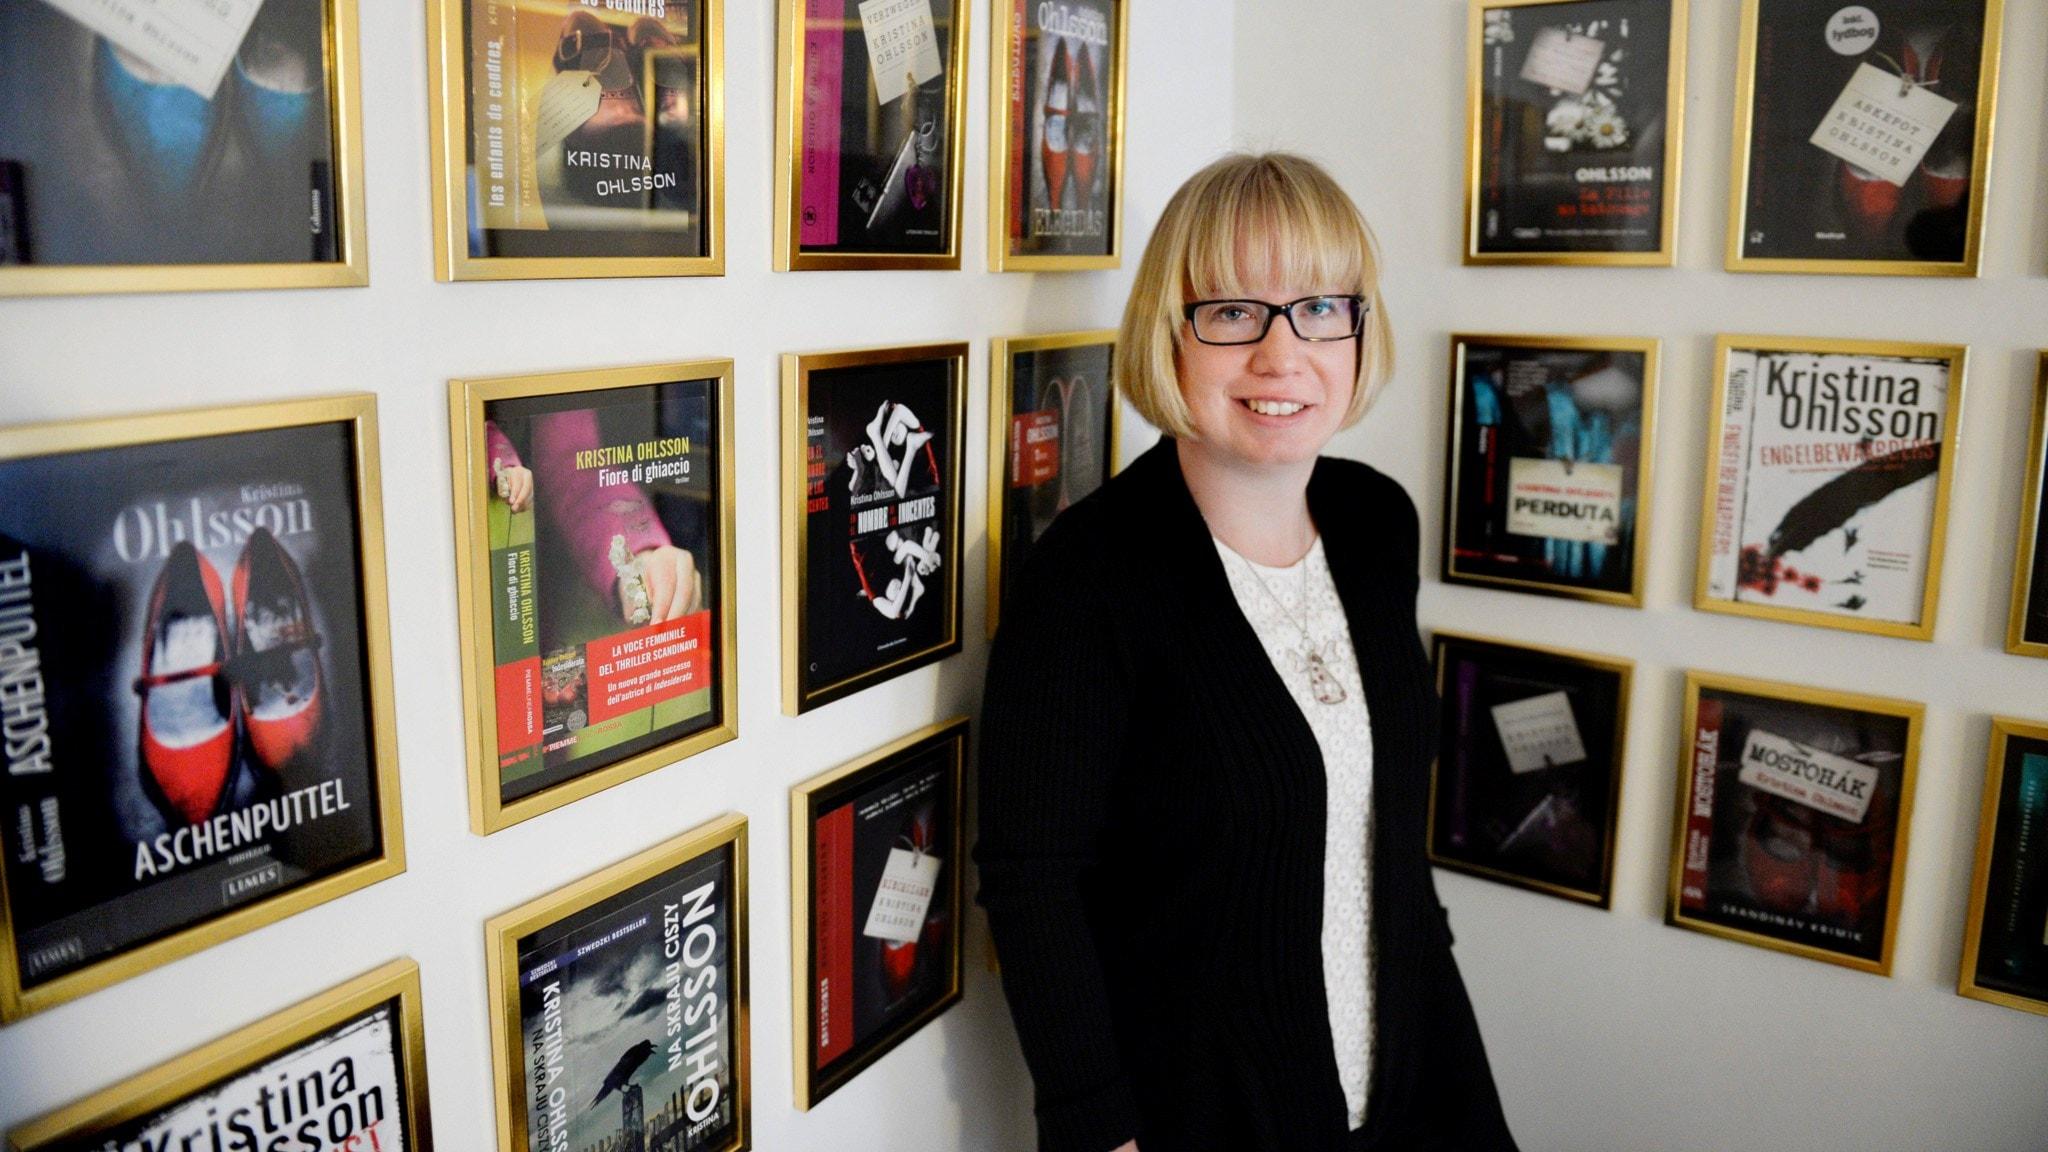 Lotta intervjuar deckarförfattaren Kristina Ohlsson i dagens P4 Extra